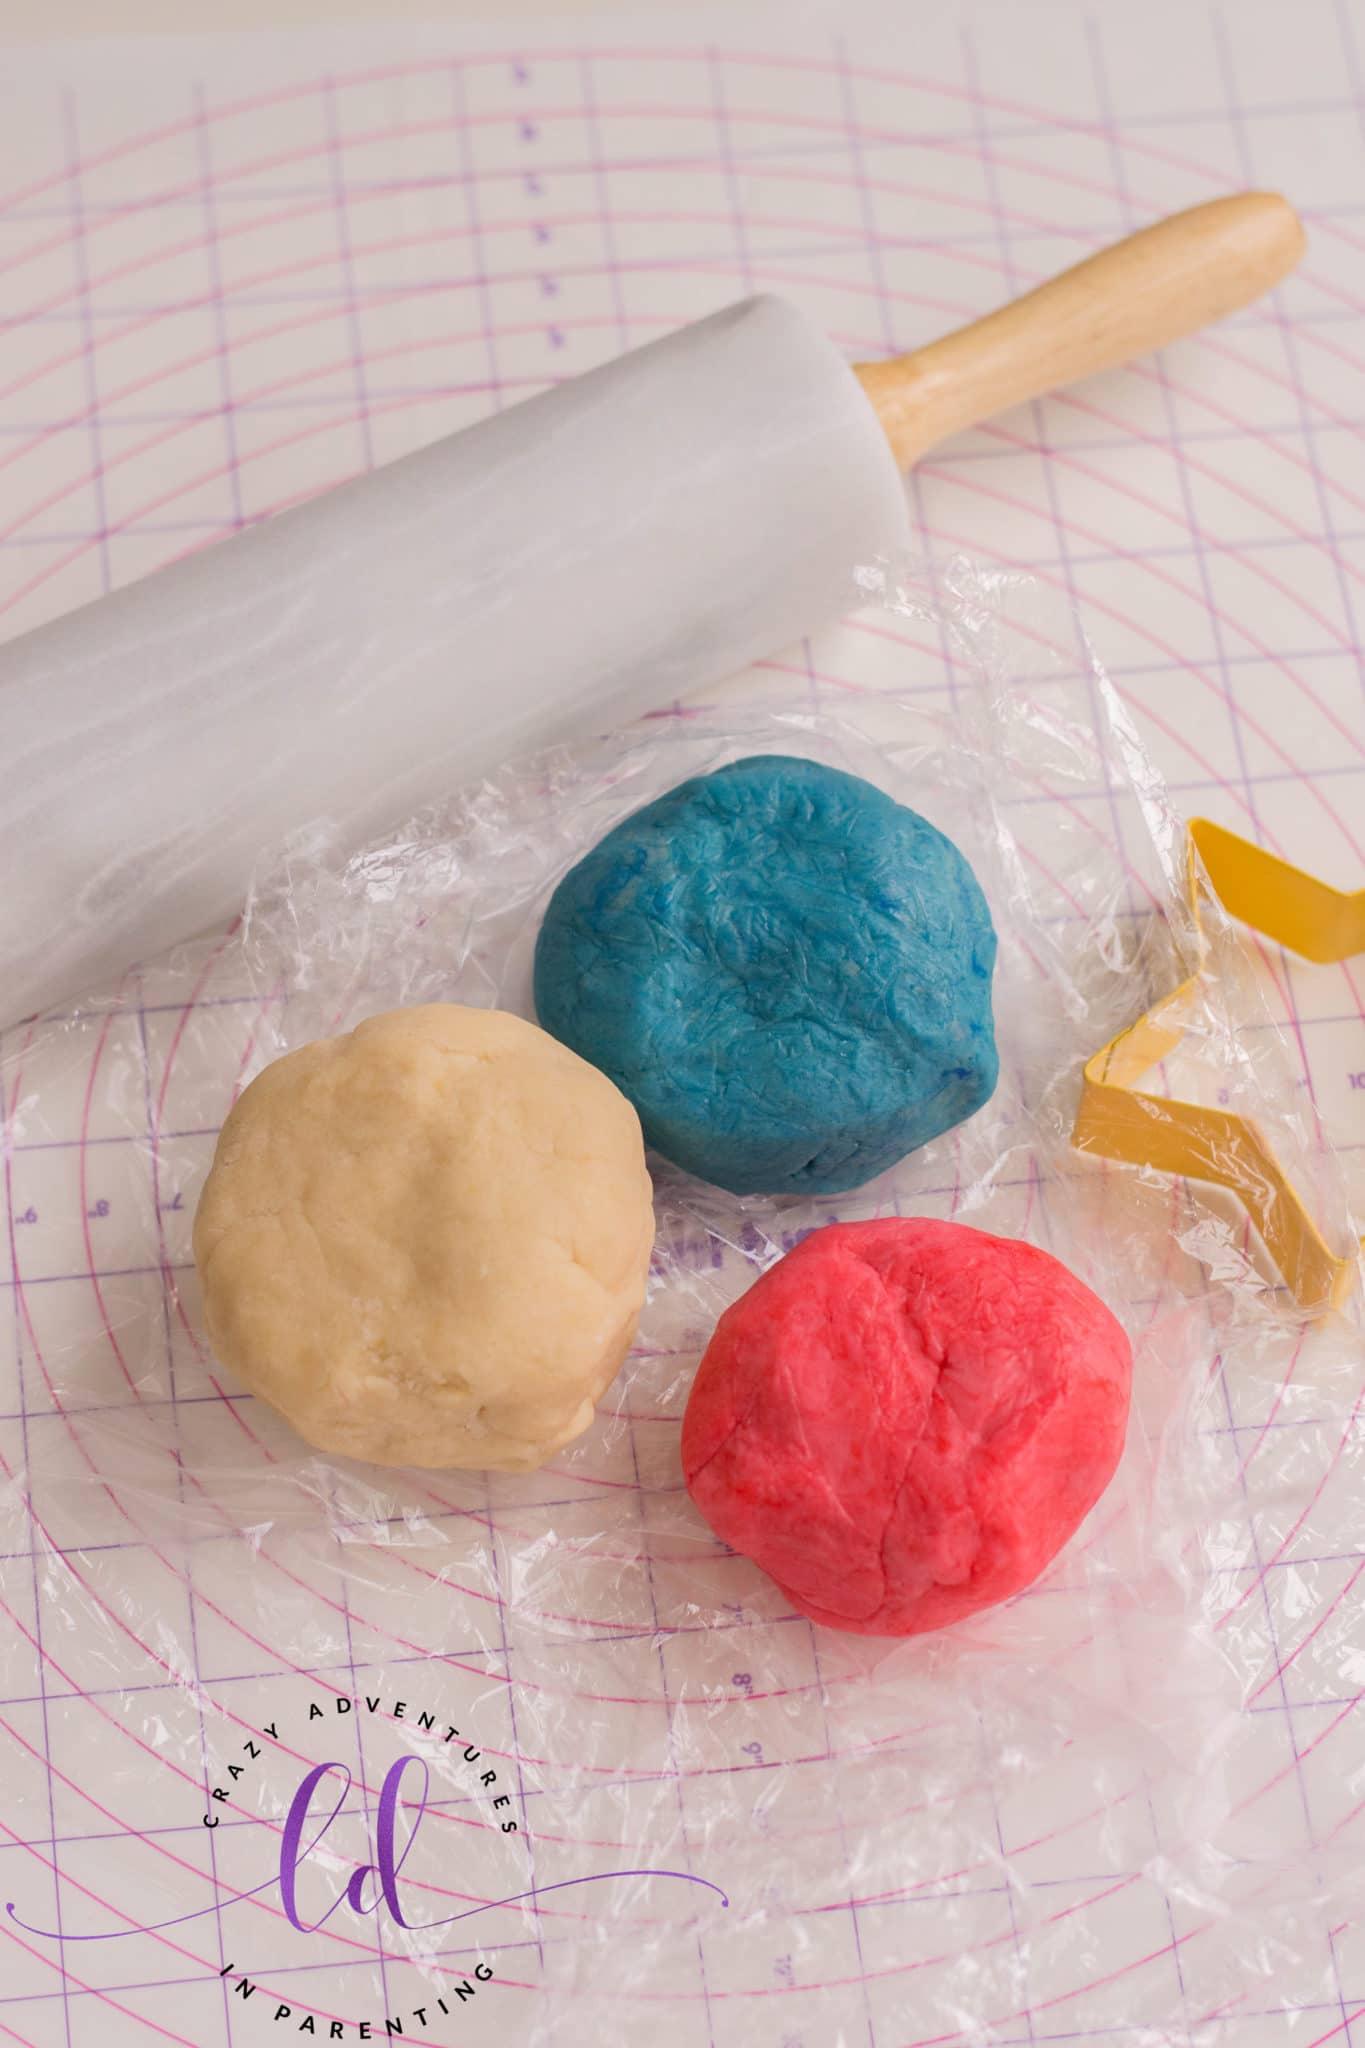 Knead gel coloring into dough to make Patriotic Sugar Cookies